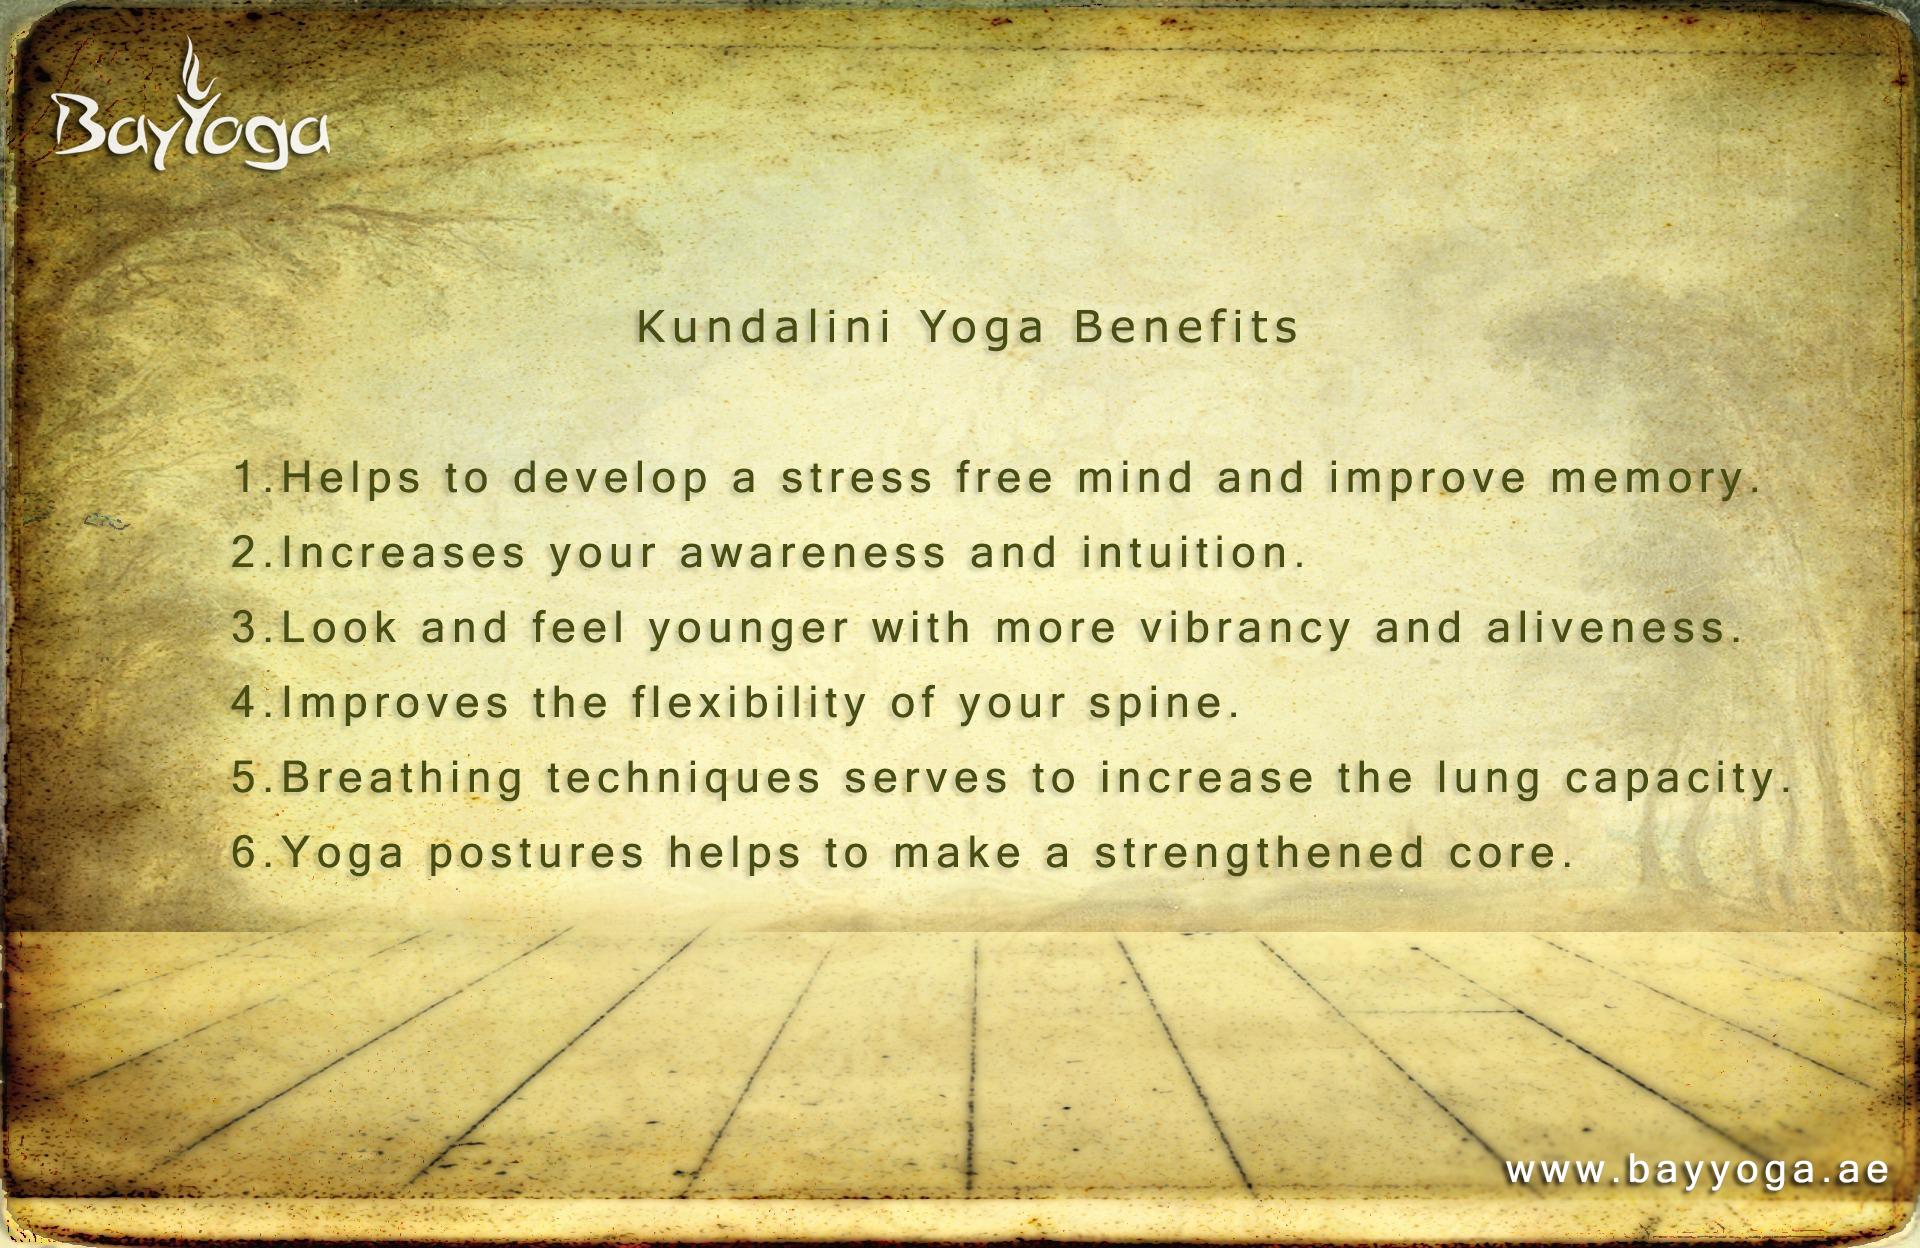 Rapid Benefits of #Kundalini Yoga Practice #bayyogadubai #yoga